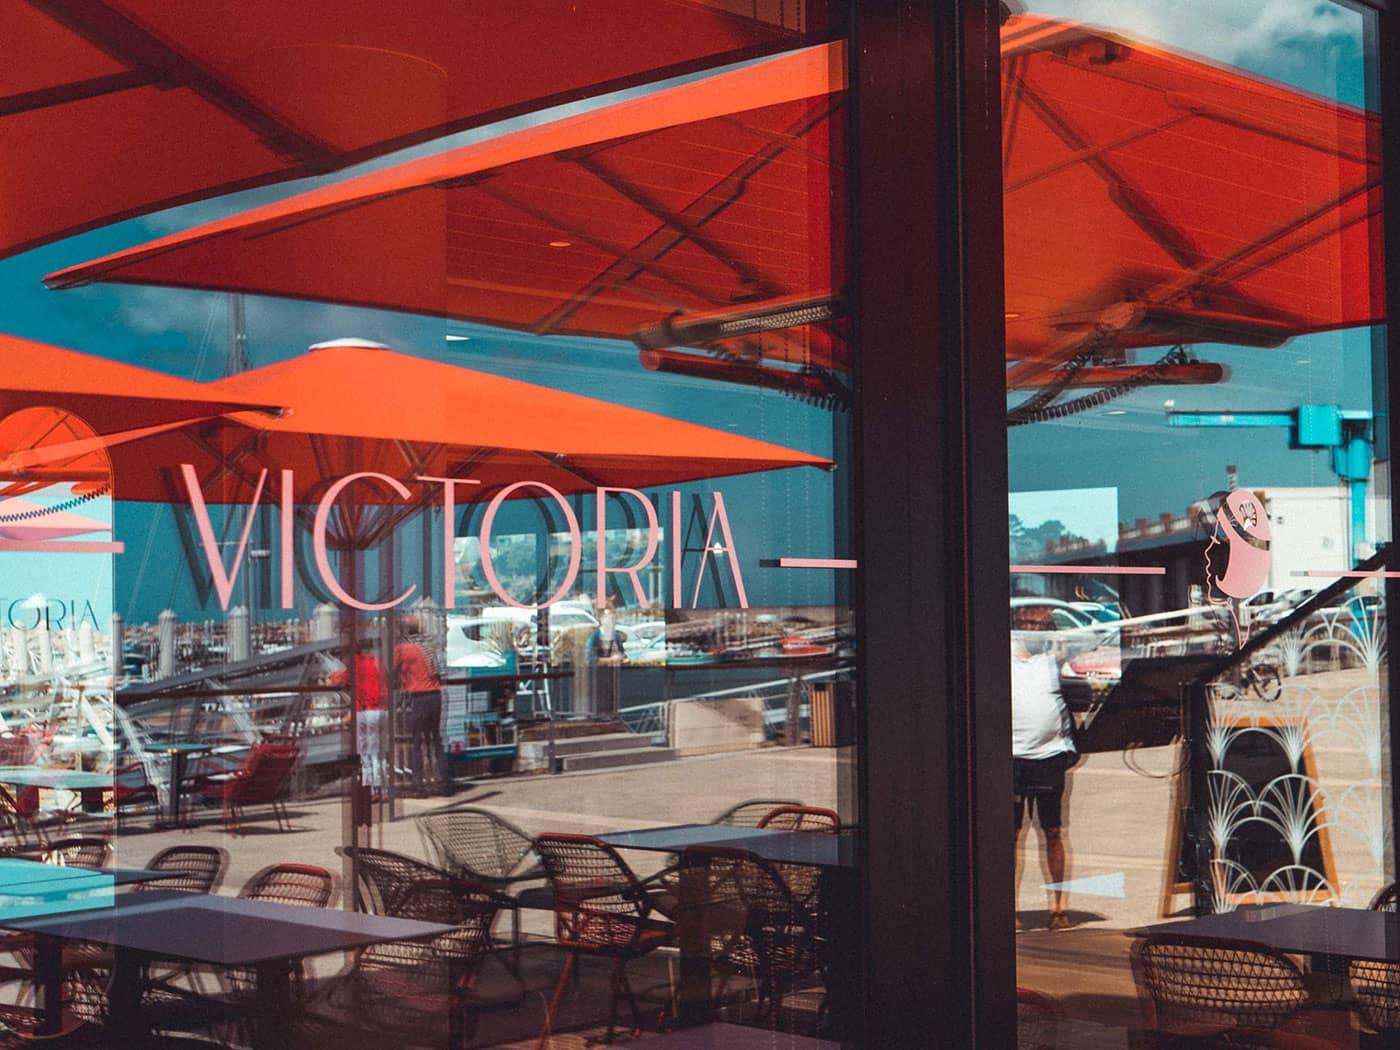 Conception de la vitrophanie du restaurant - Agence de communication Le Studio A